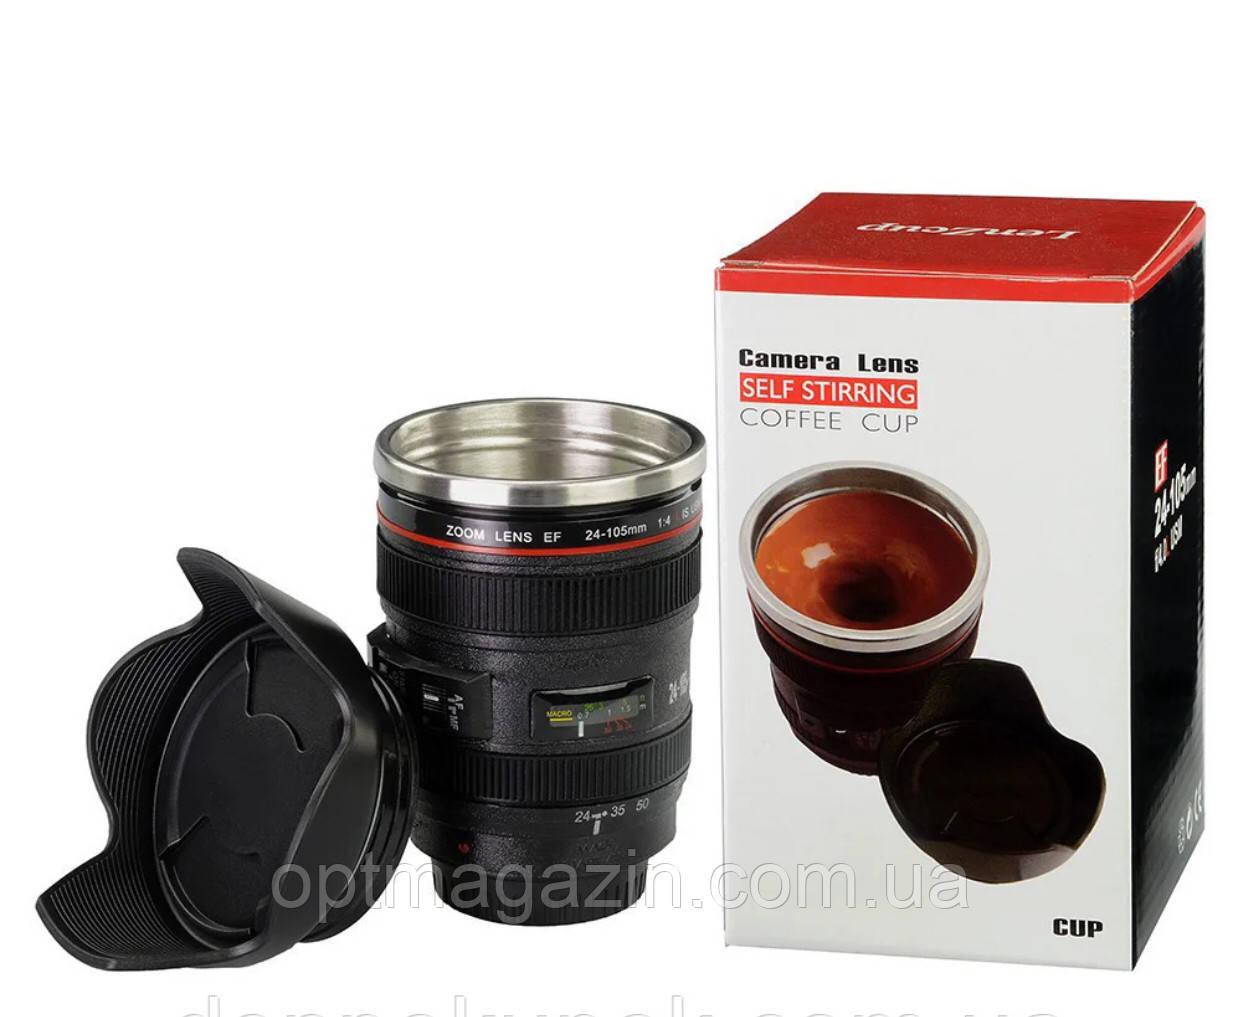 Кружка-термос в виде объектива Cup camera lens